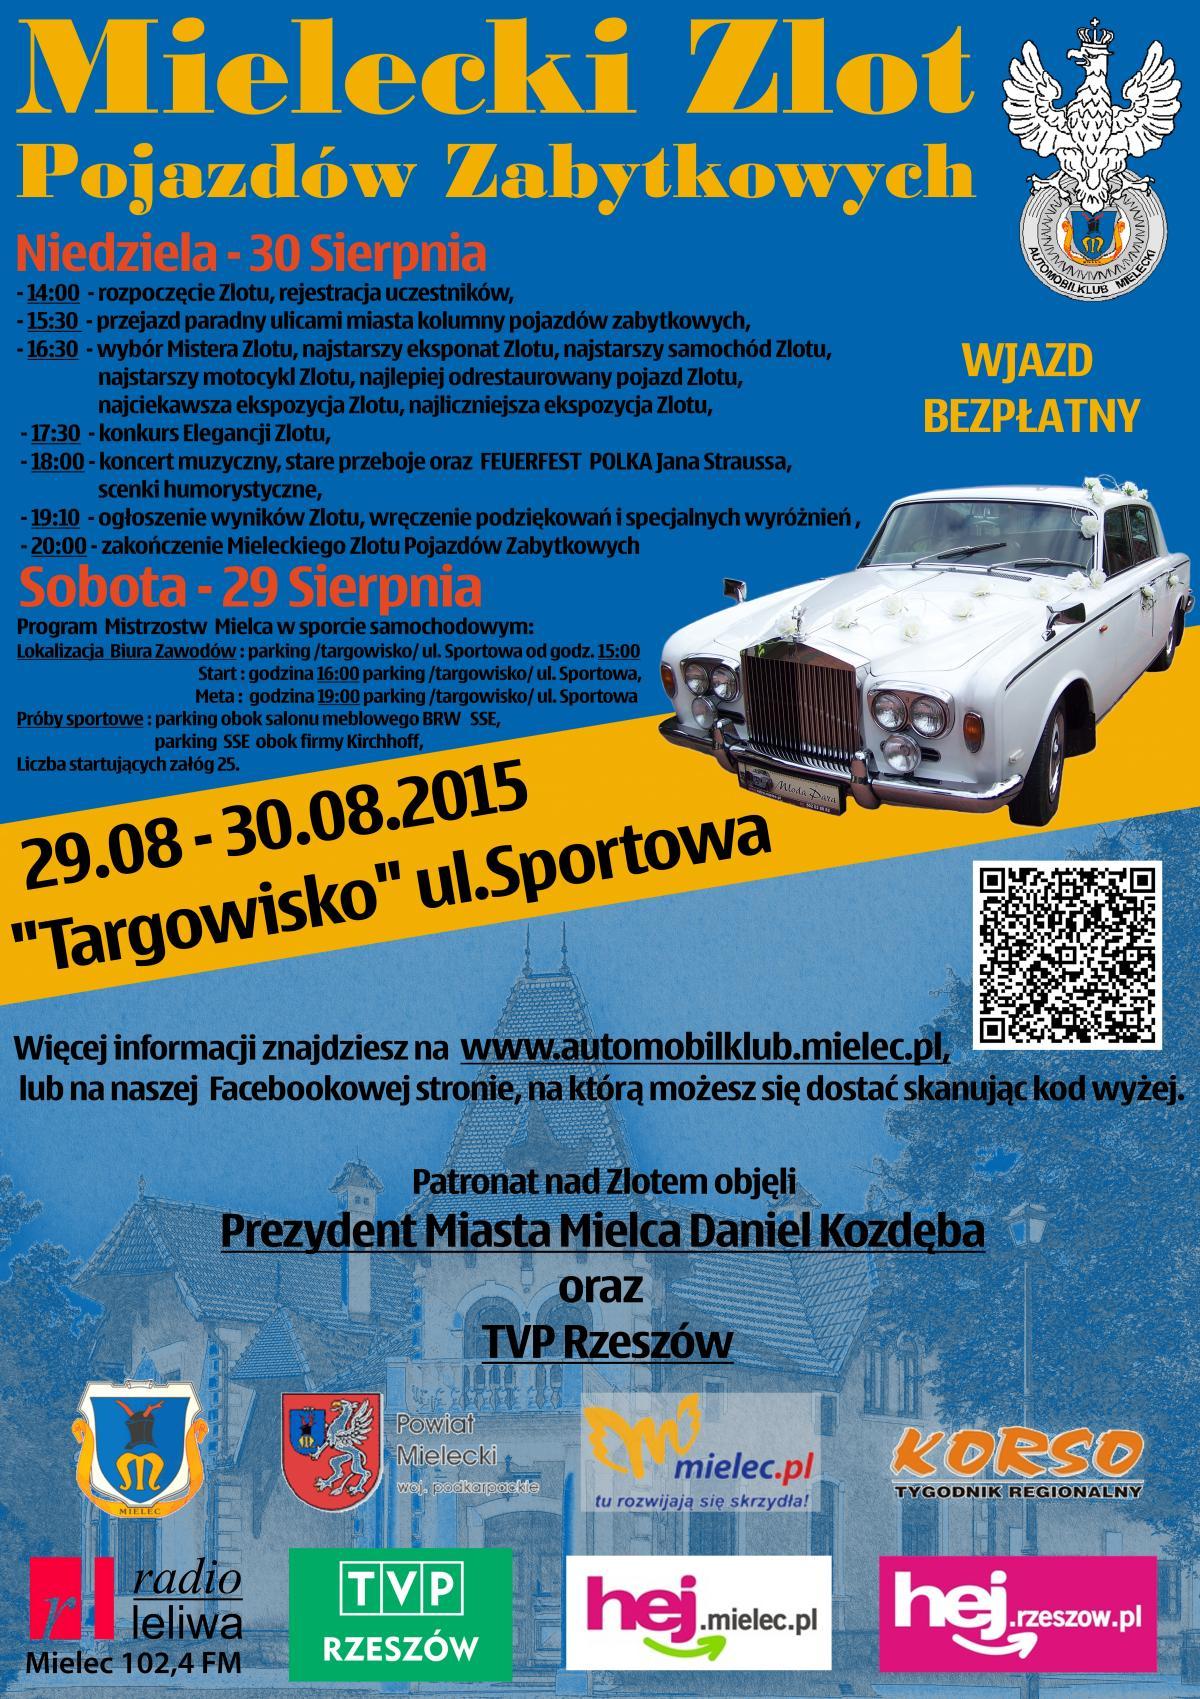 foto -Samochodowe Mistrzostwa Mielca i V Zlot Pojazdów Zabytkowych.